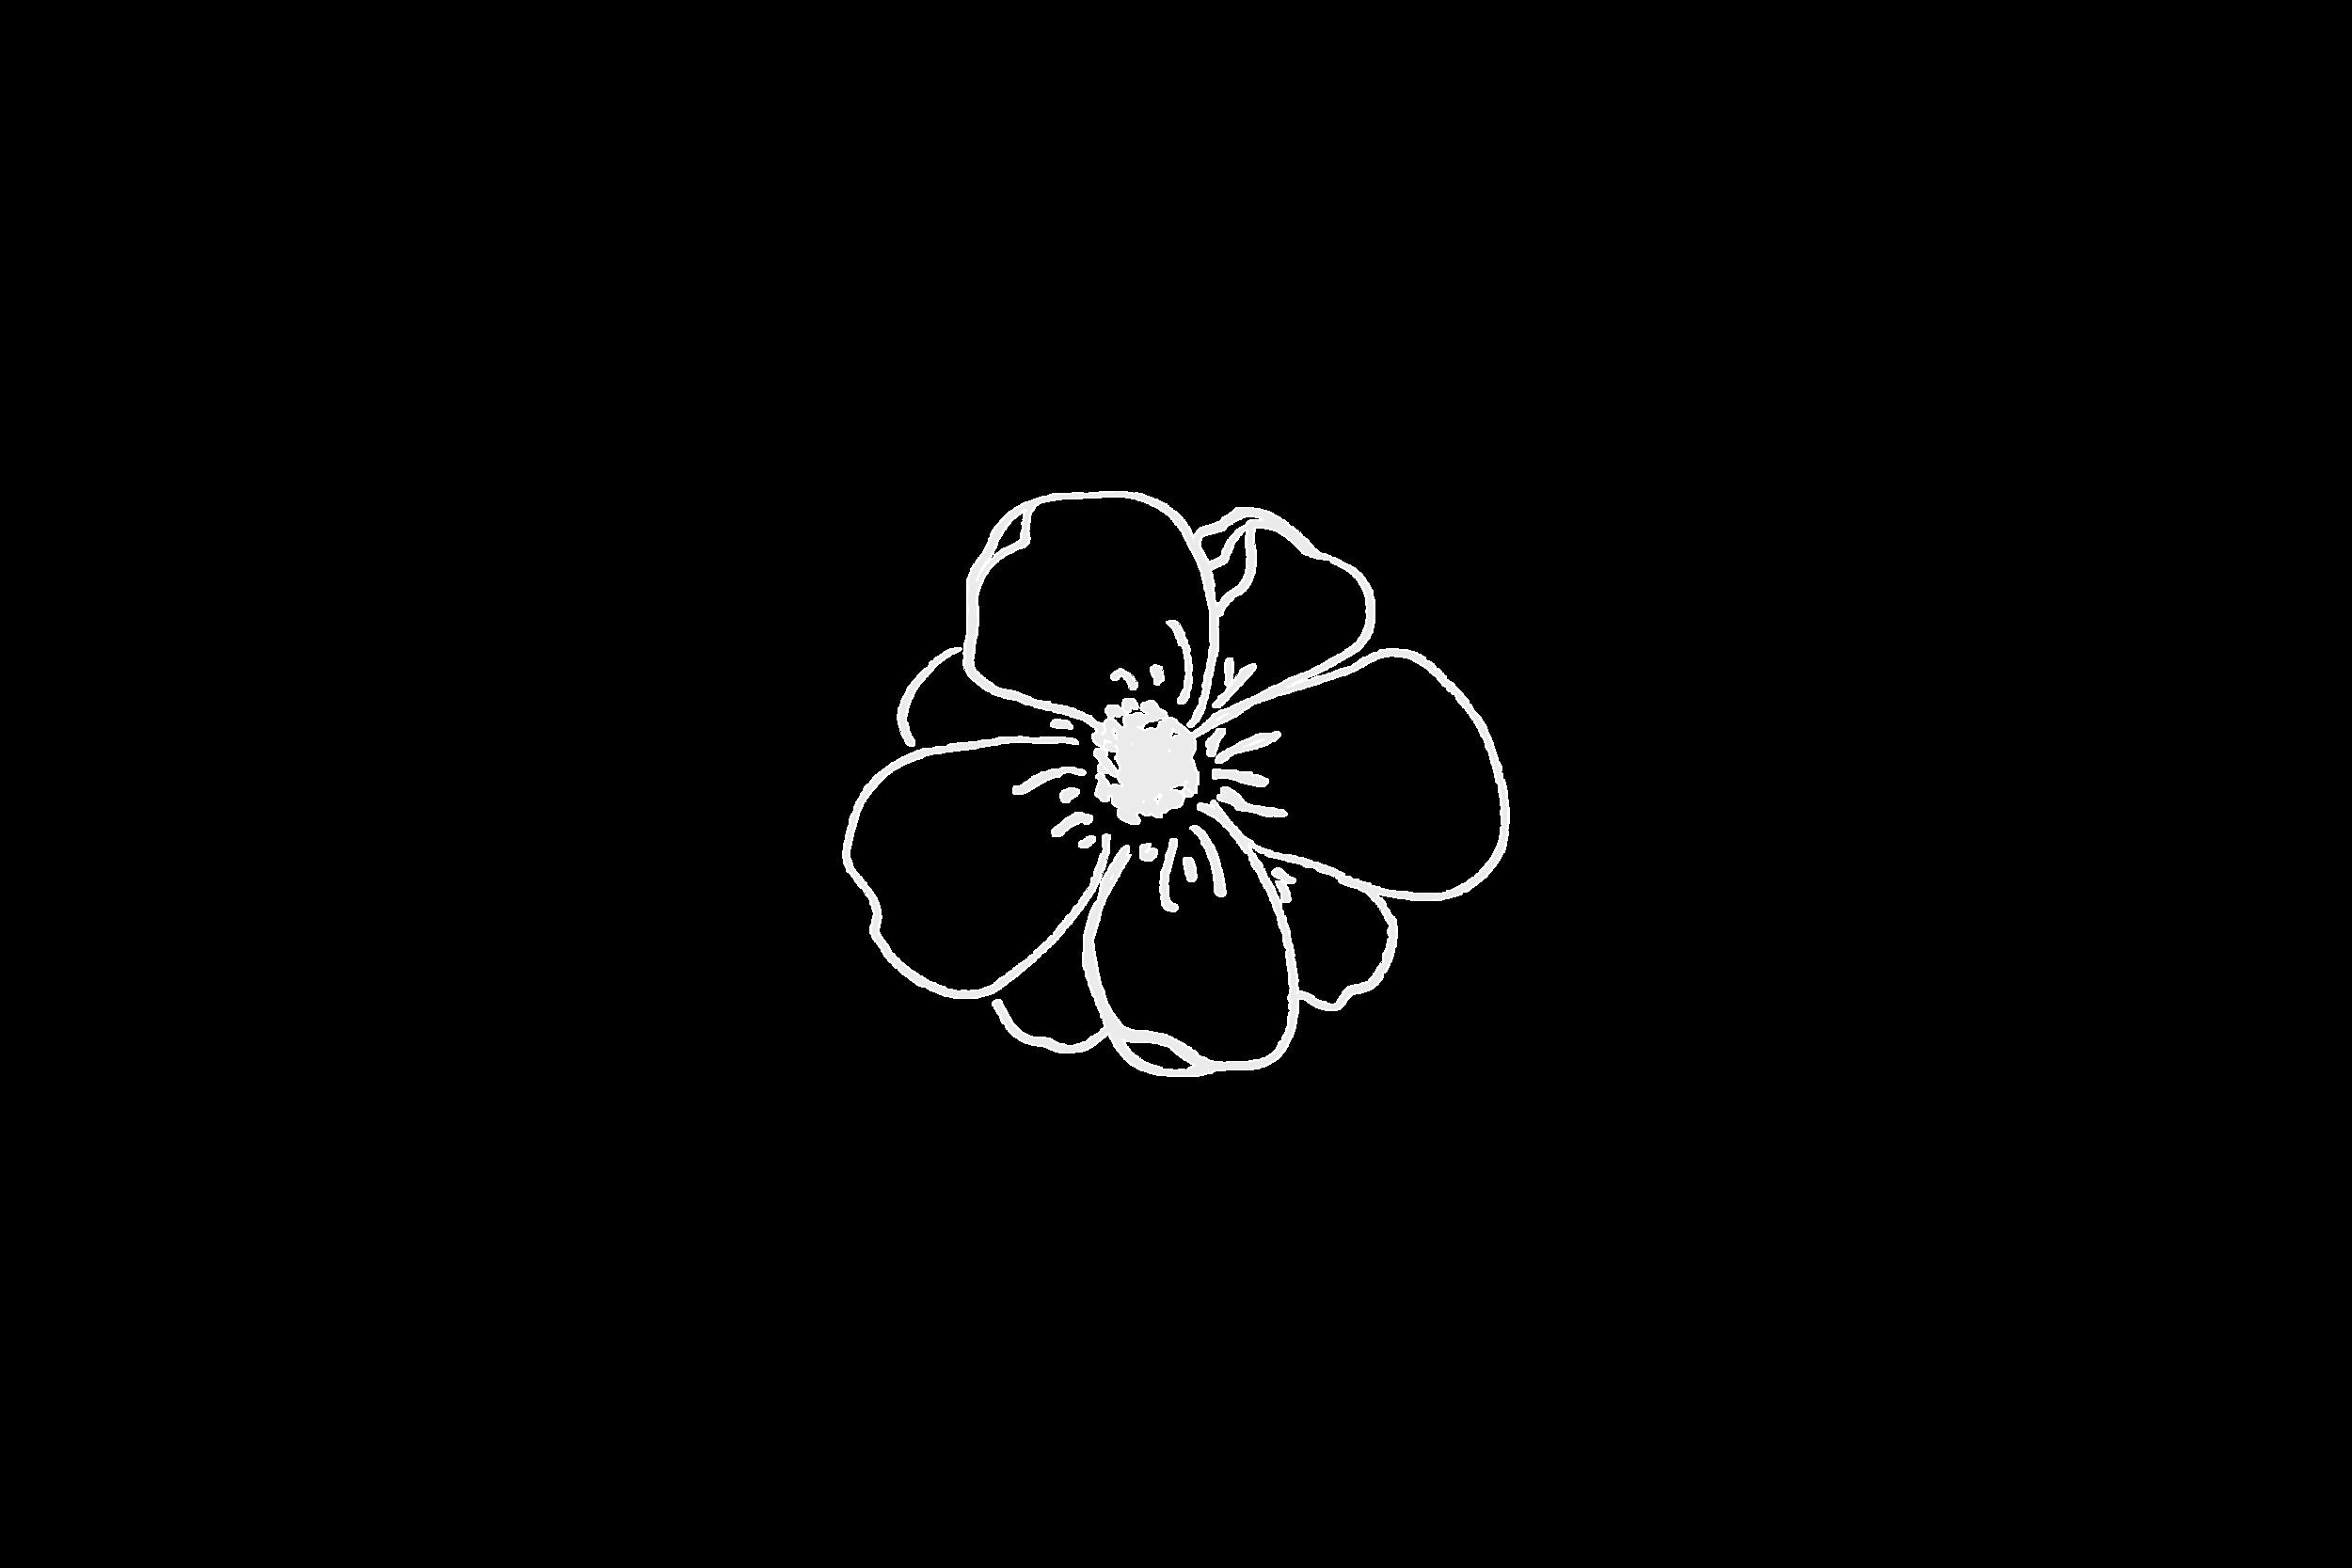 Sidonnan ammattilainen - Kruunaa elämäsi kukkasin.Teemme kauniit ja yksilölliset kukka-asetelmat tuoreista kukista. Kukat suunnitellaan aina paikkaan, teemaan ja juhlien sankarille sopiviksi. Meiltä saat kukka-asetelmat, jotka muistetaan!